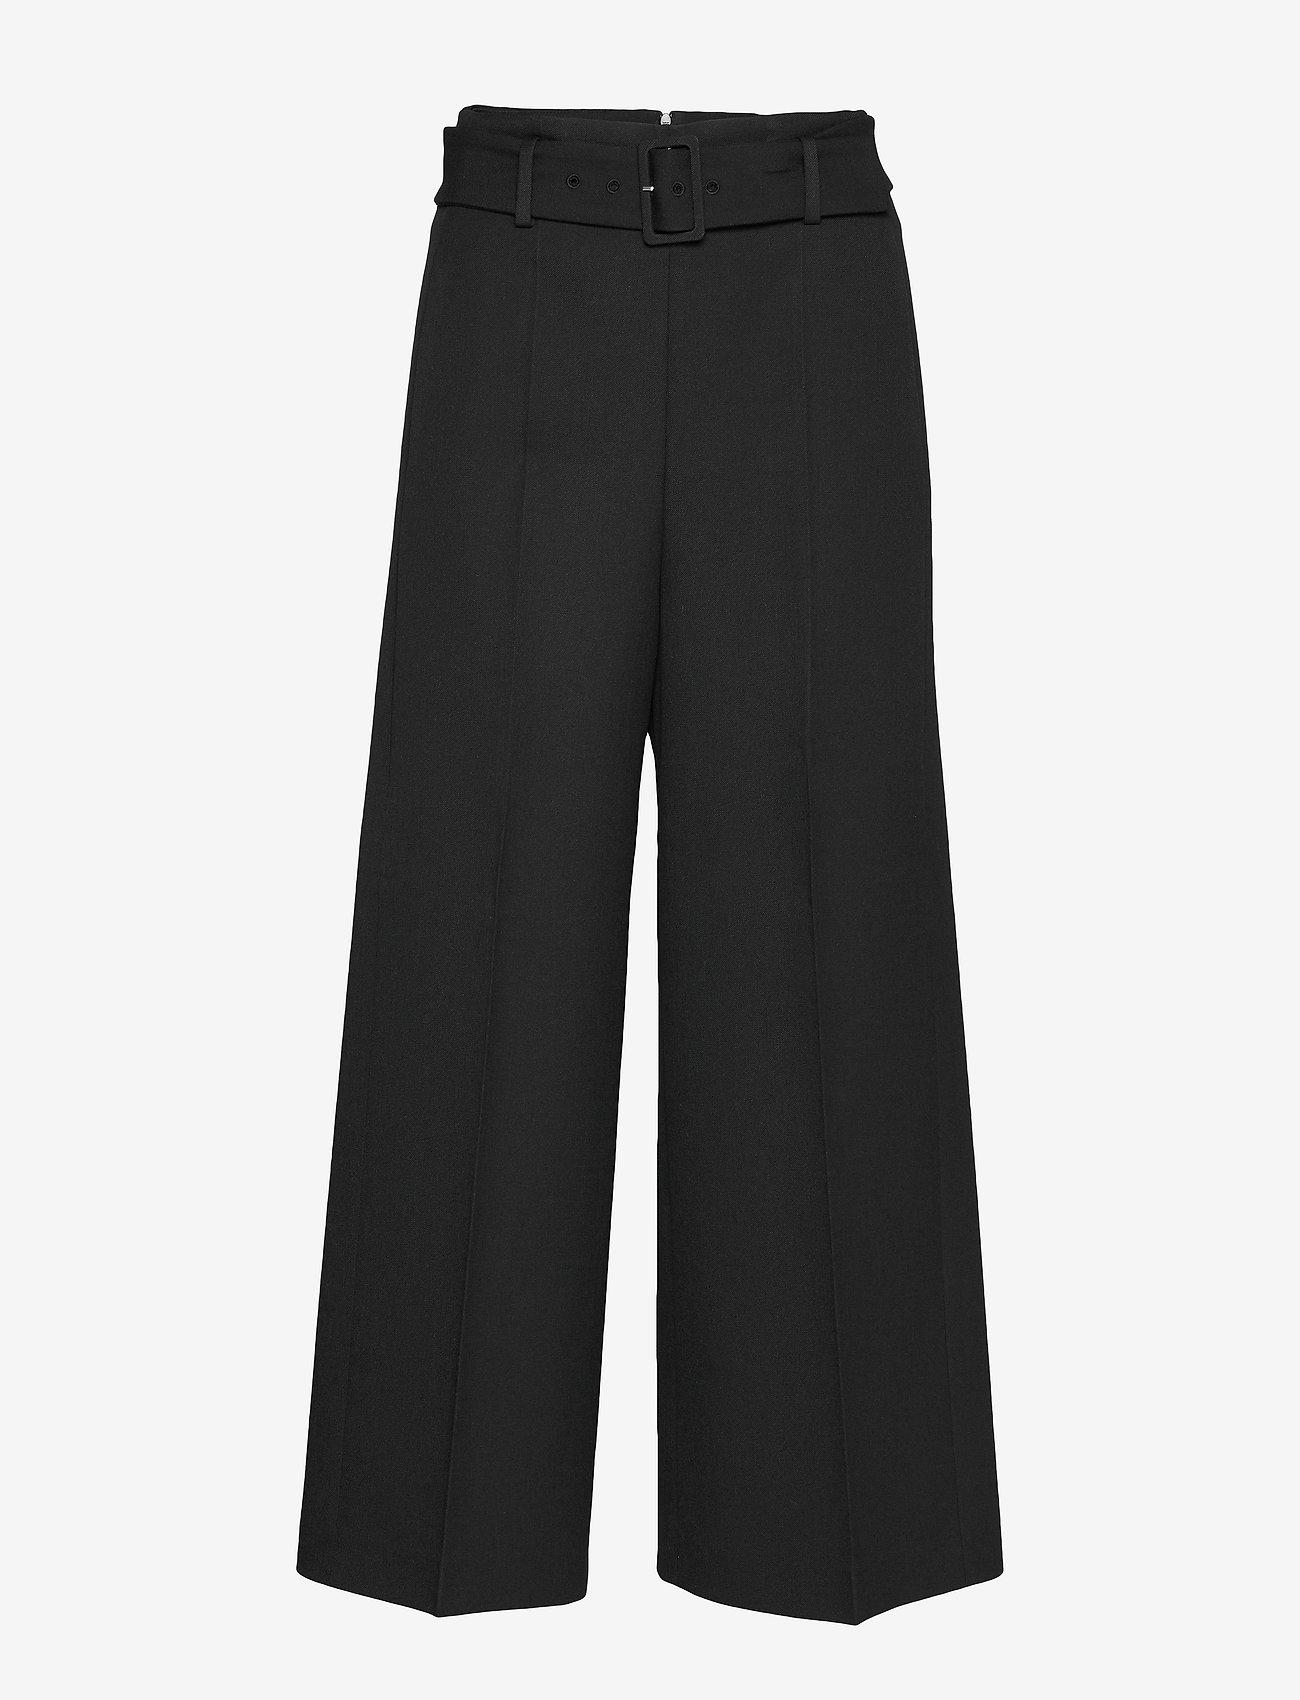 BOSS - Trima1 - bukser med brede ben - black - 0